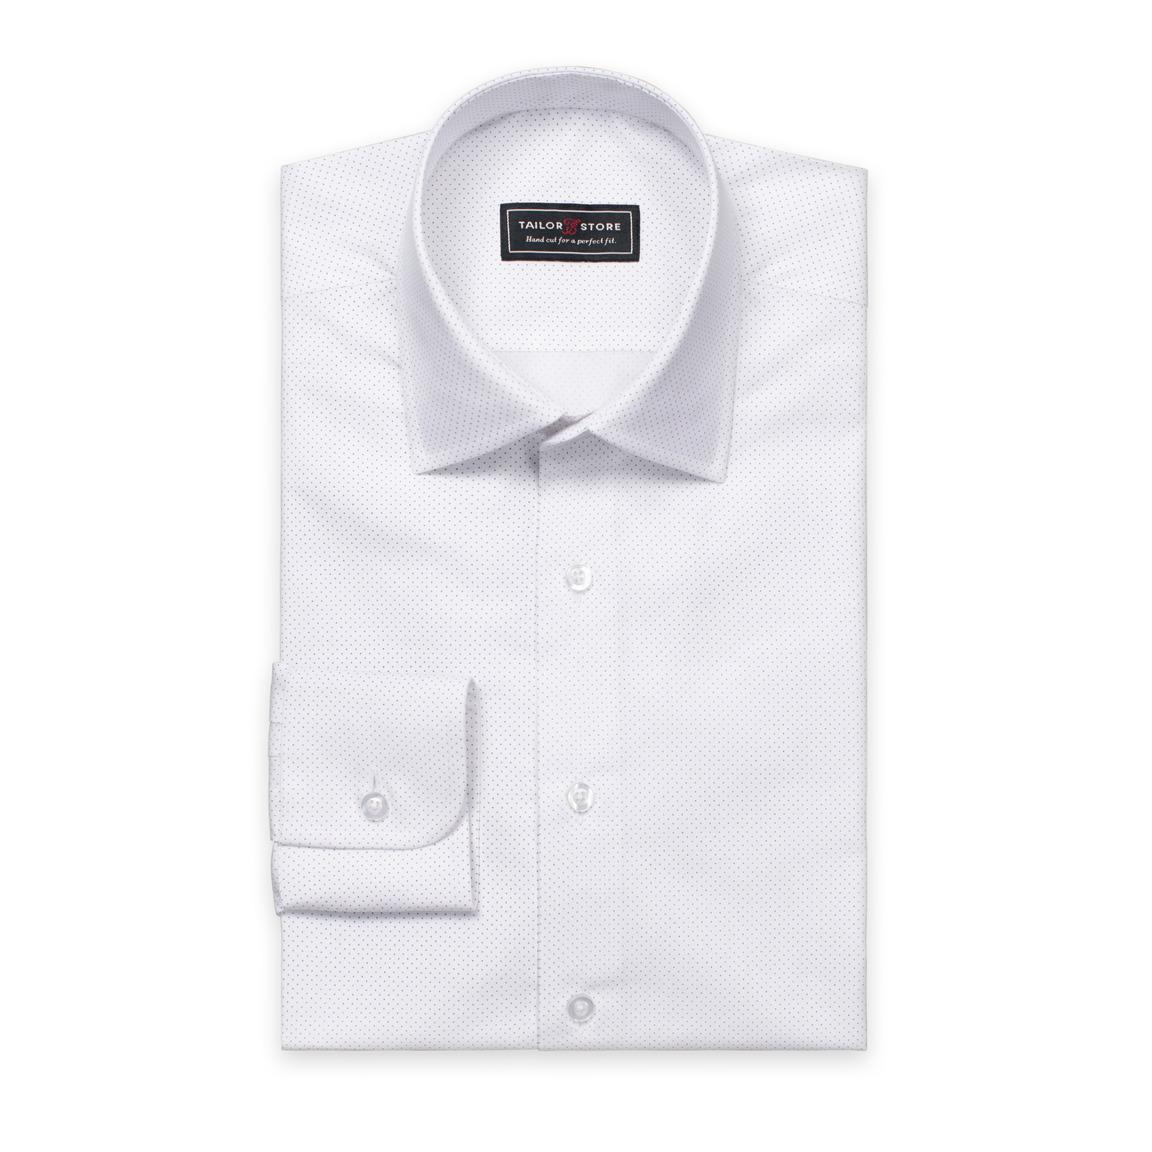 Vit/Mörkblåprickig poplinskjorta